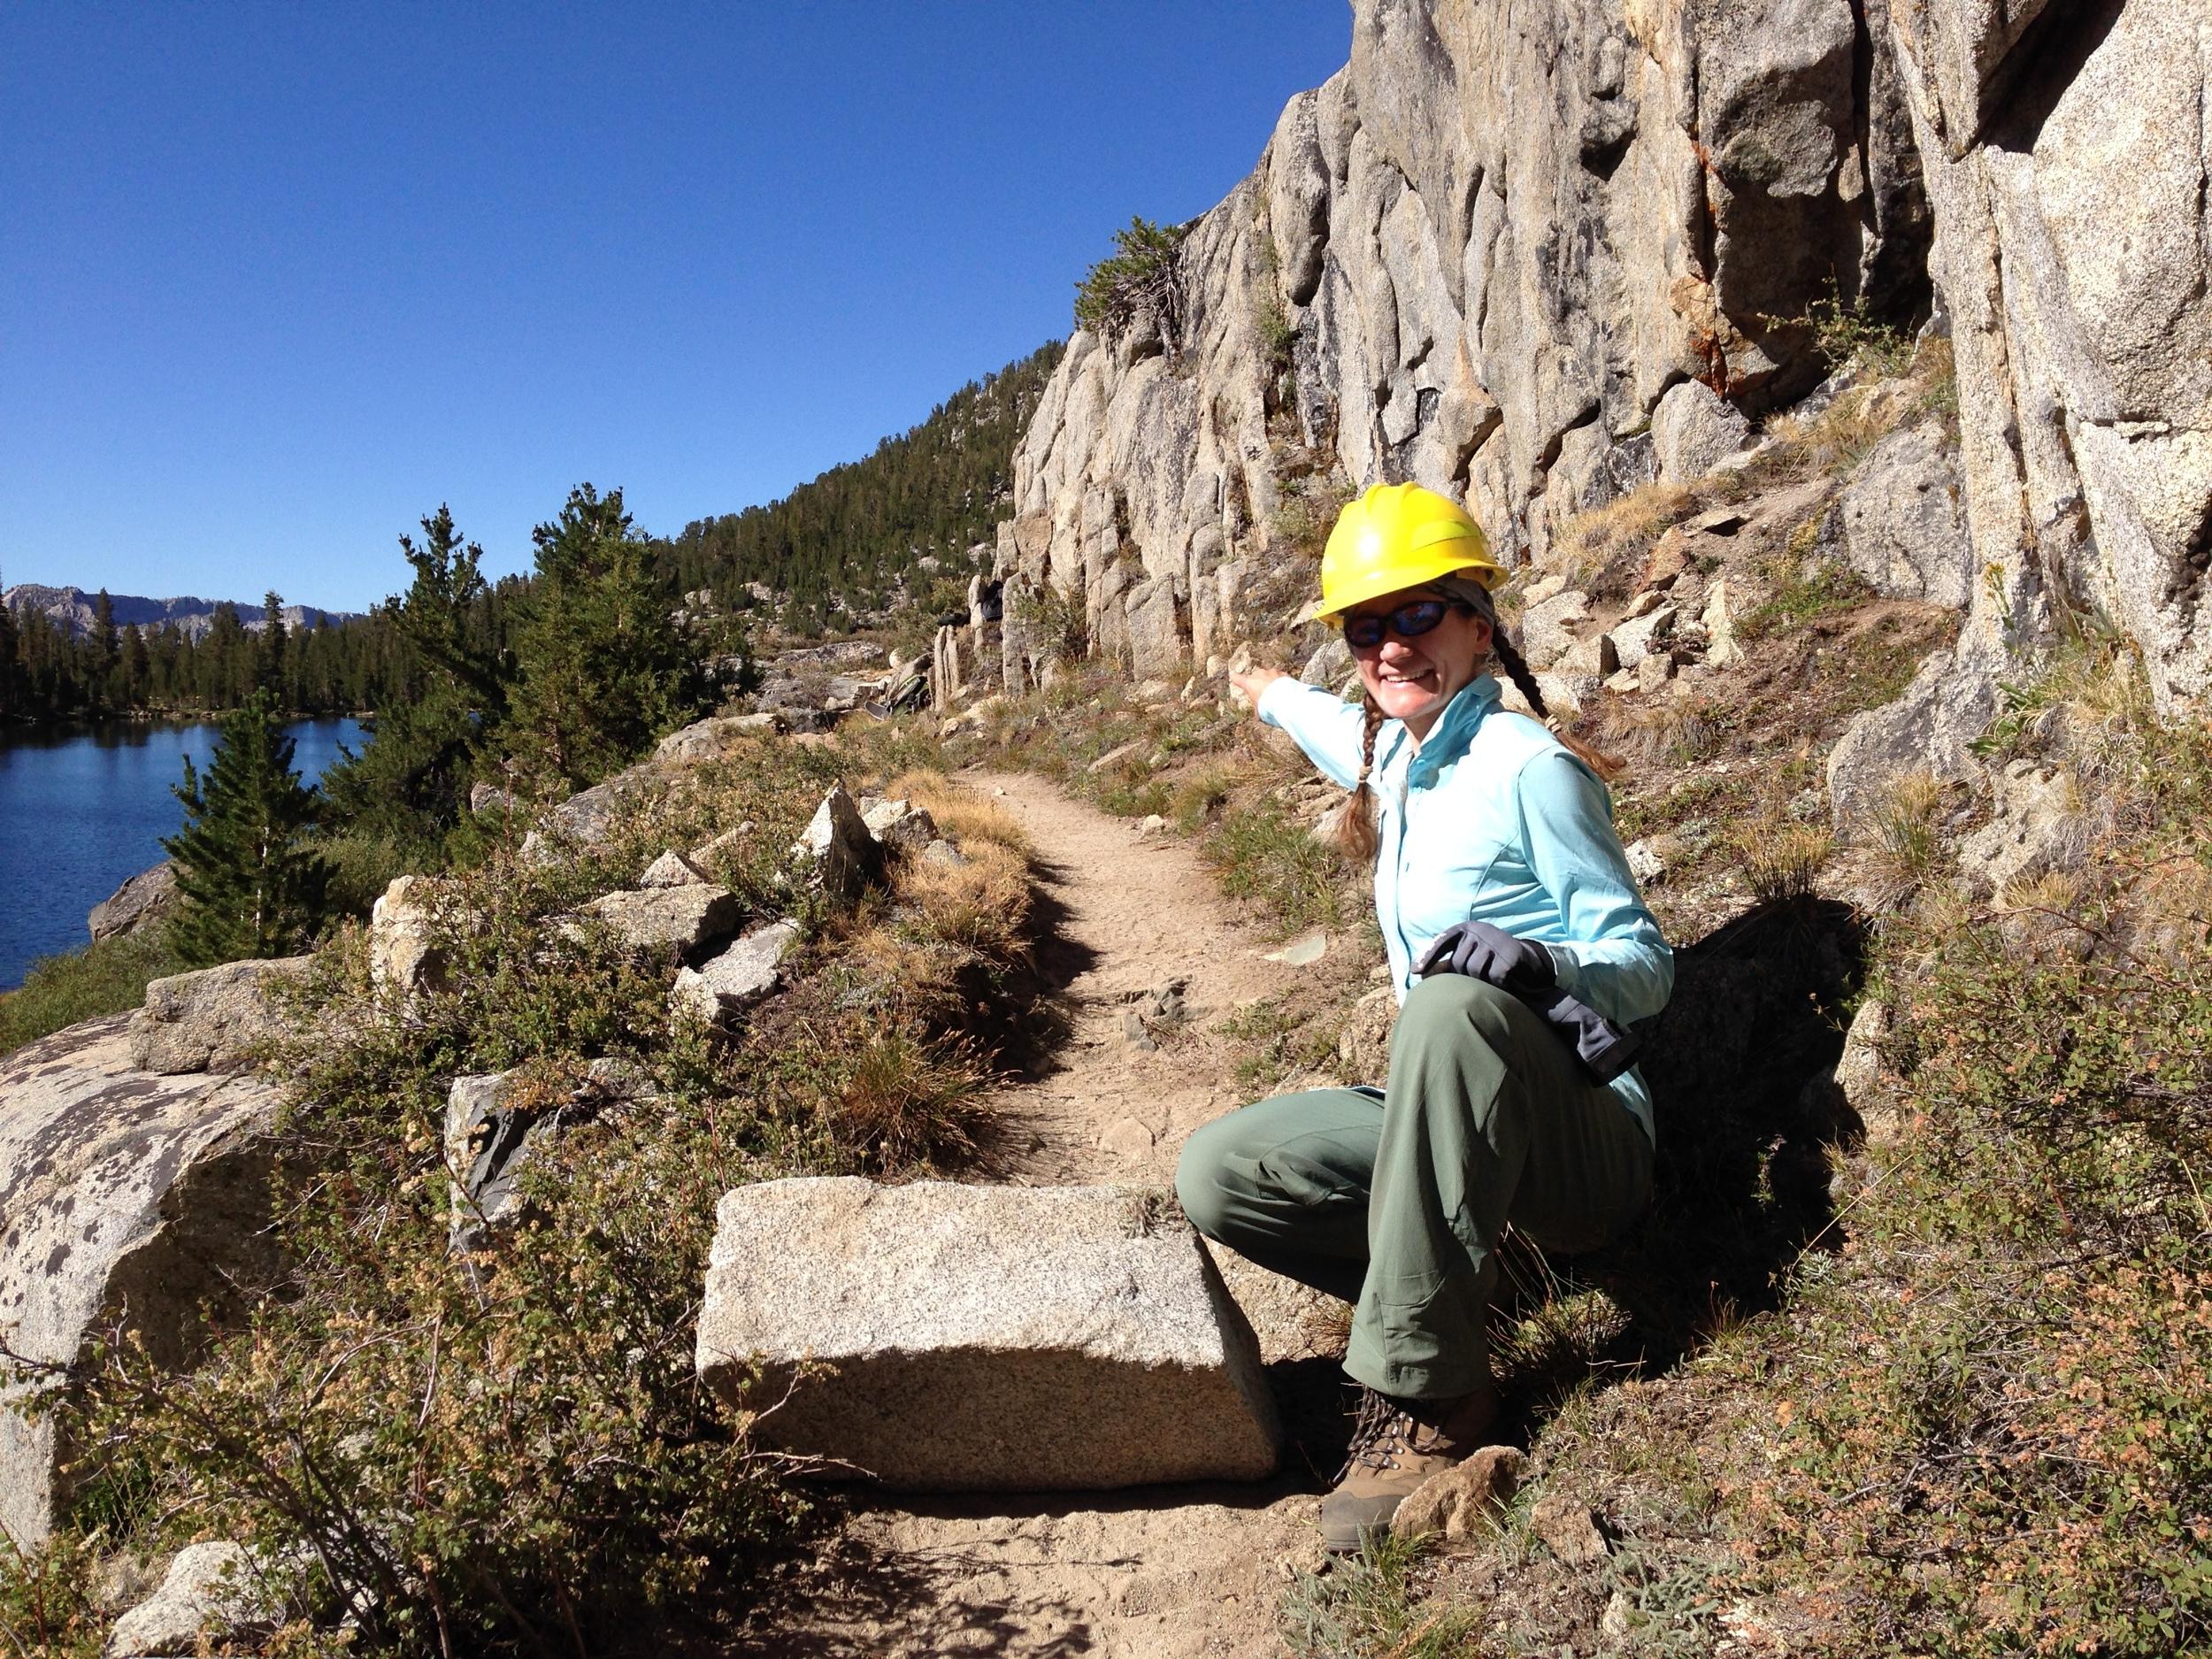 Trail work near Sallie Keyes Lakes